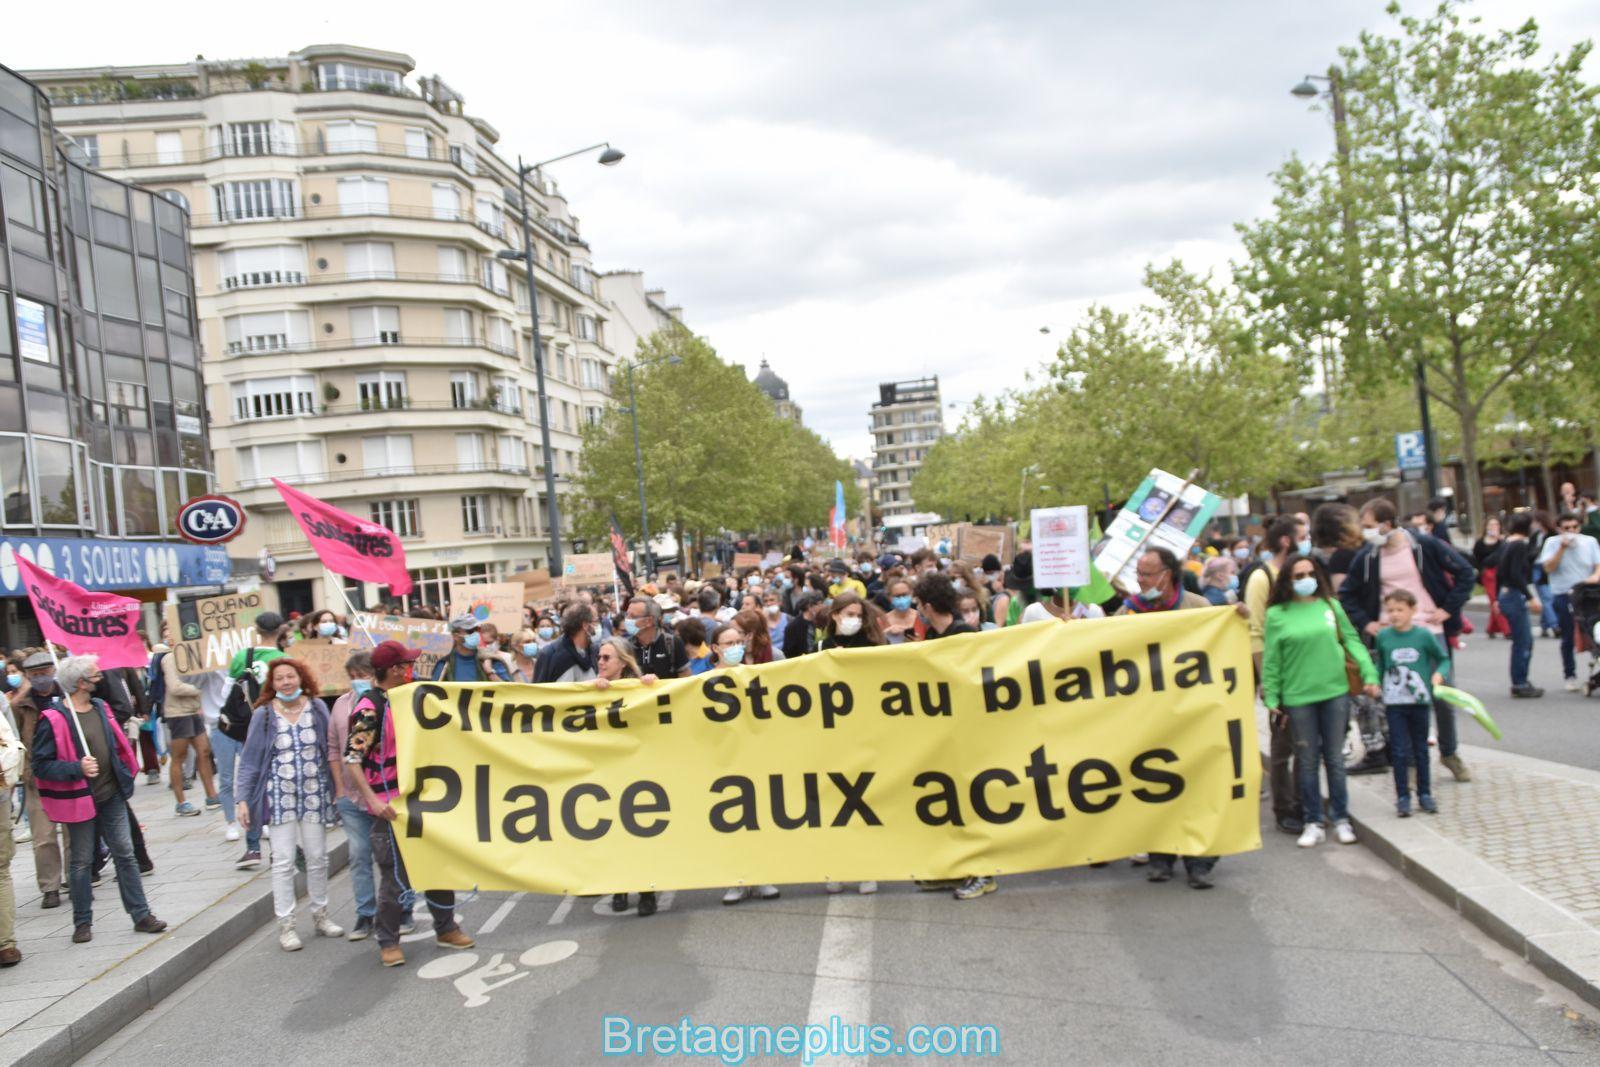 La <Marche d'après> de la Loi Climat à rassemblée plus de 2 000 personnes à Rennes